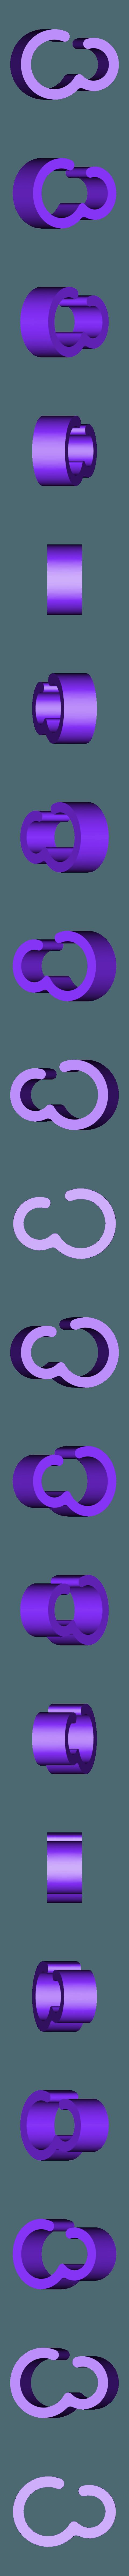 Remote_Pipe_Clip.stl Télécharger fichier STL gratuit Vapemobile : Voiture jouet pneumatique • Modèle pour imprimante 3D, Slava_Z